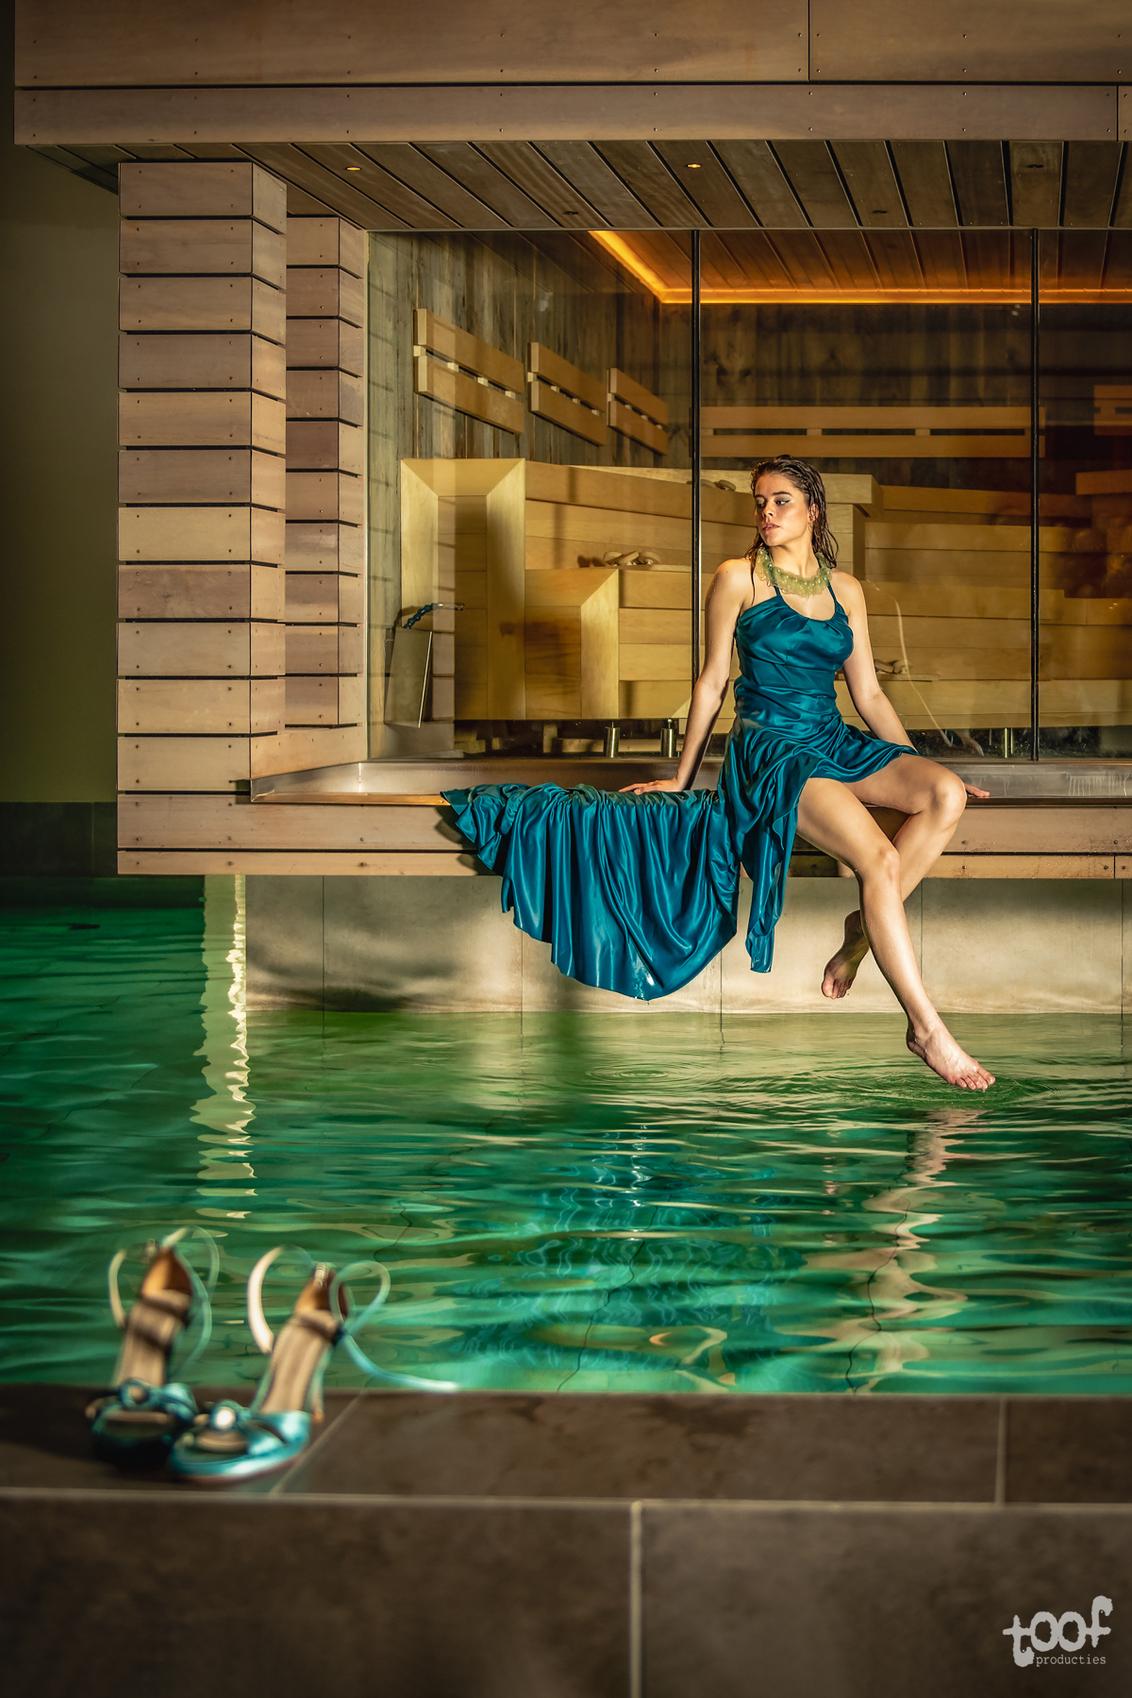 Left her shoes behind... - locatie: SpaOne Styling: L'agoB Breda model: Luna - foto door toof op 25-02-2021 - deze foto bevat: vrouw, water, licht, portret, model, flits, nat, nikon, fashion, beauty, schoenen, emotie, glamour, zwembad, sauna, mode, fotoshoot, flitser, d750